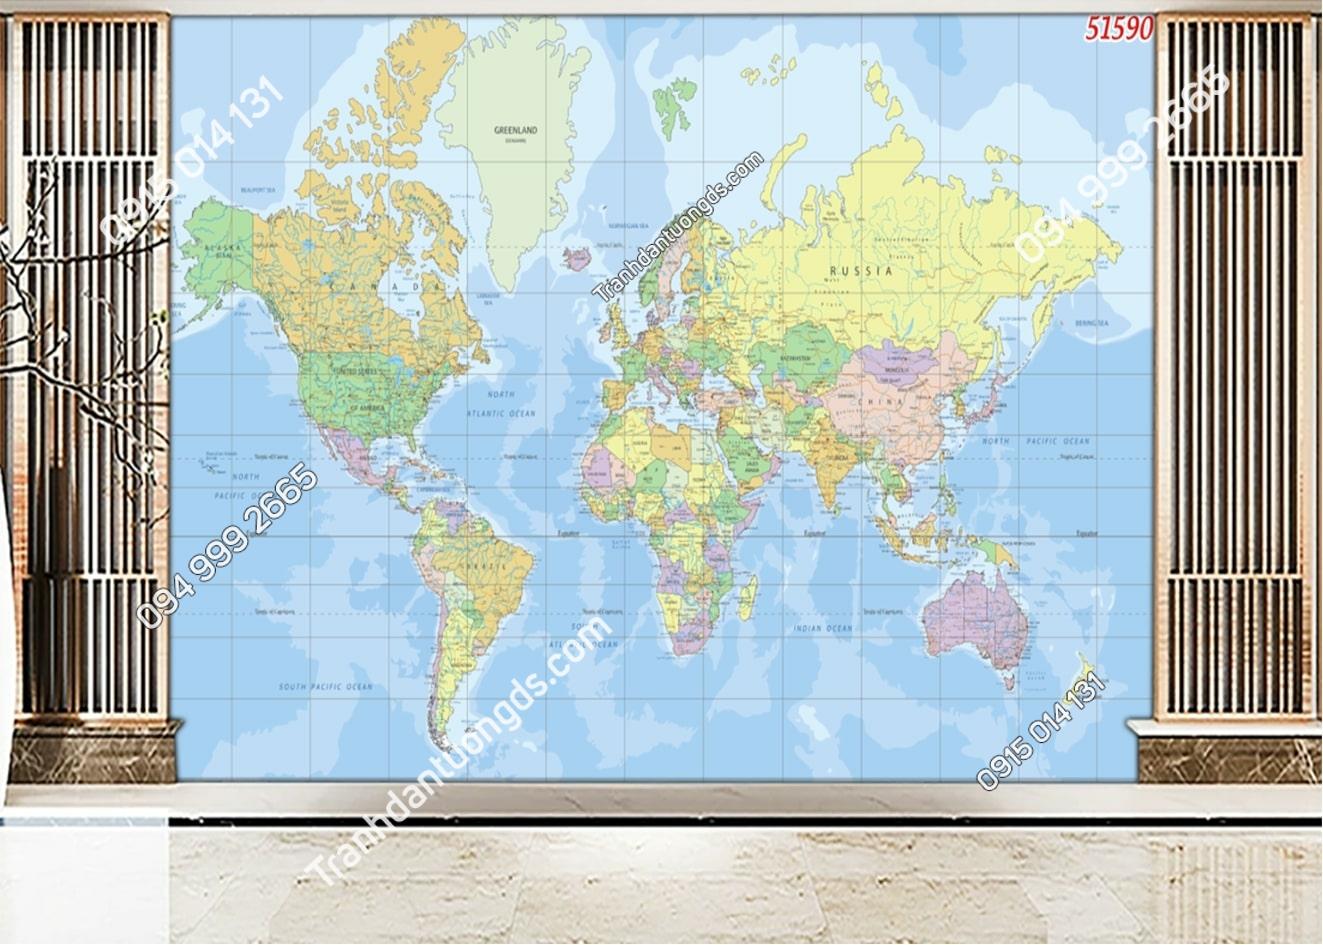 Tranh dán tường bản đồ thế giới 51590